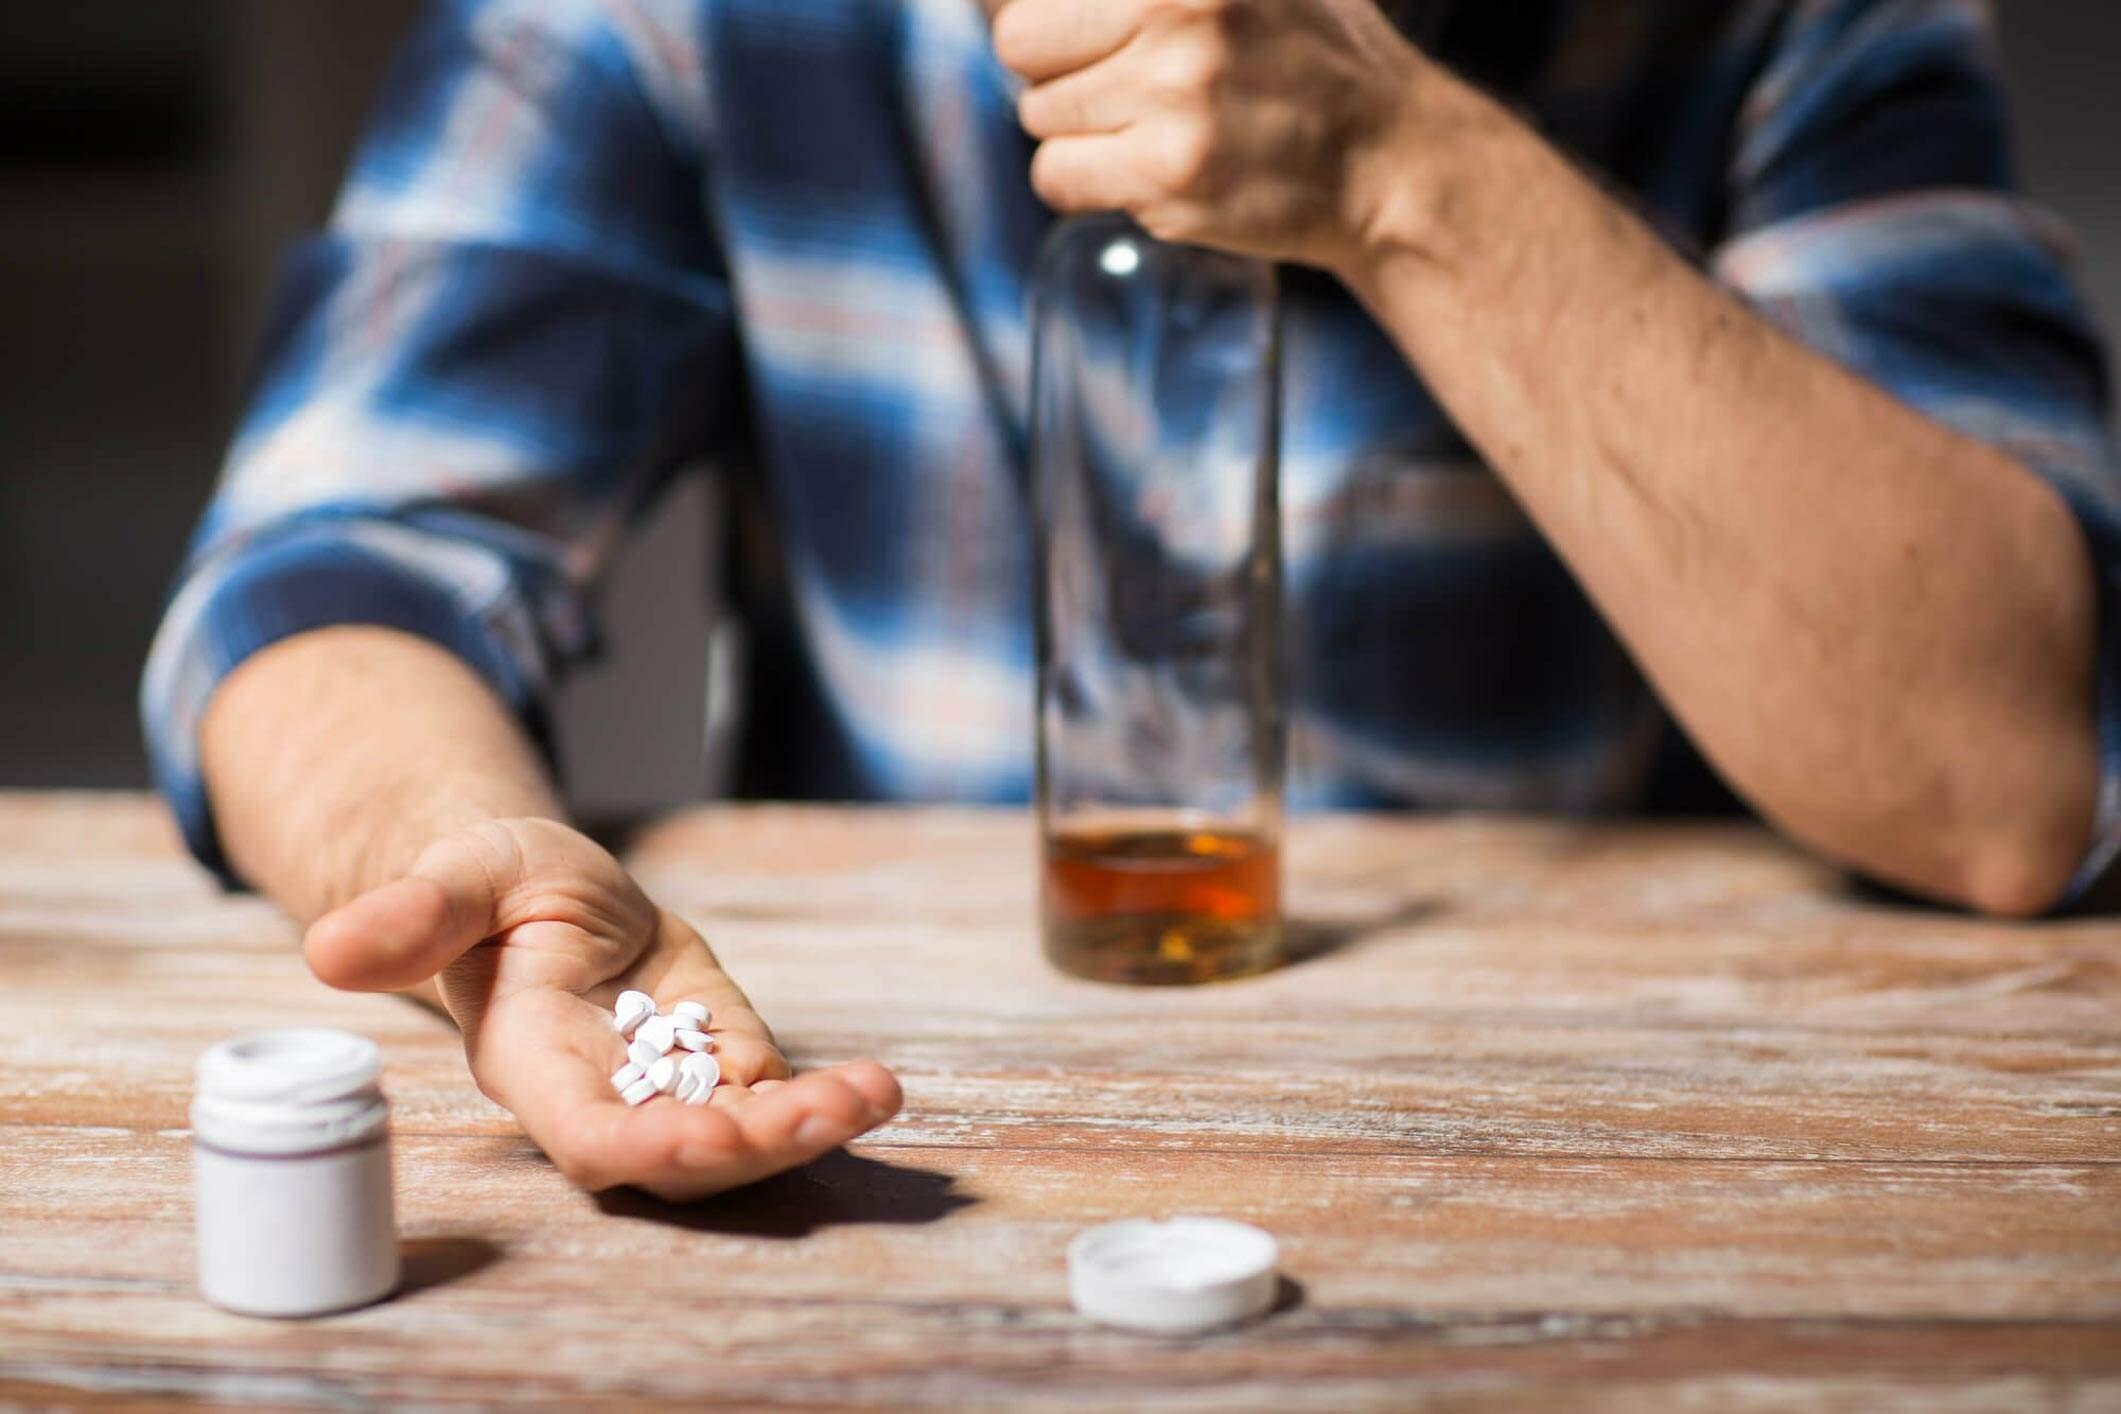 Dependência química: Entenda as causas, consequências e sintomas deste transtorno